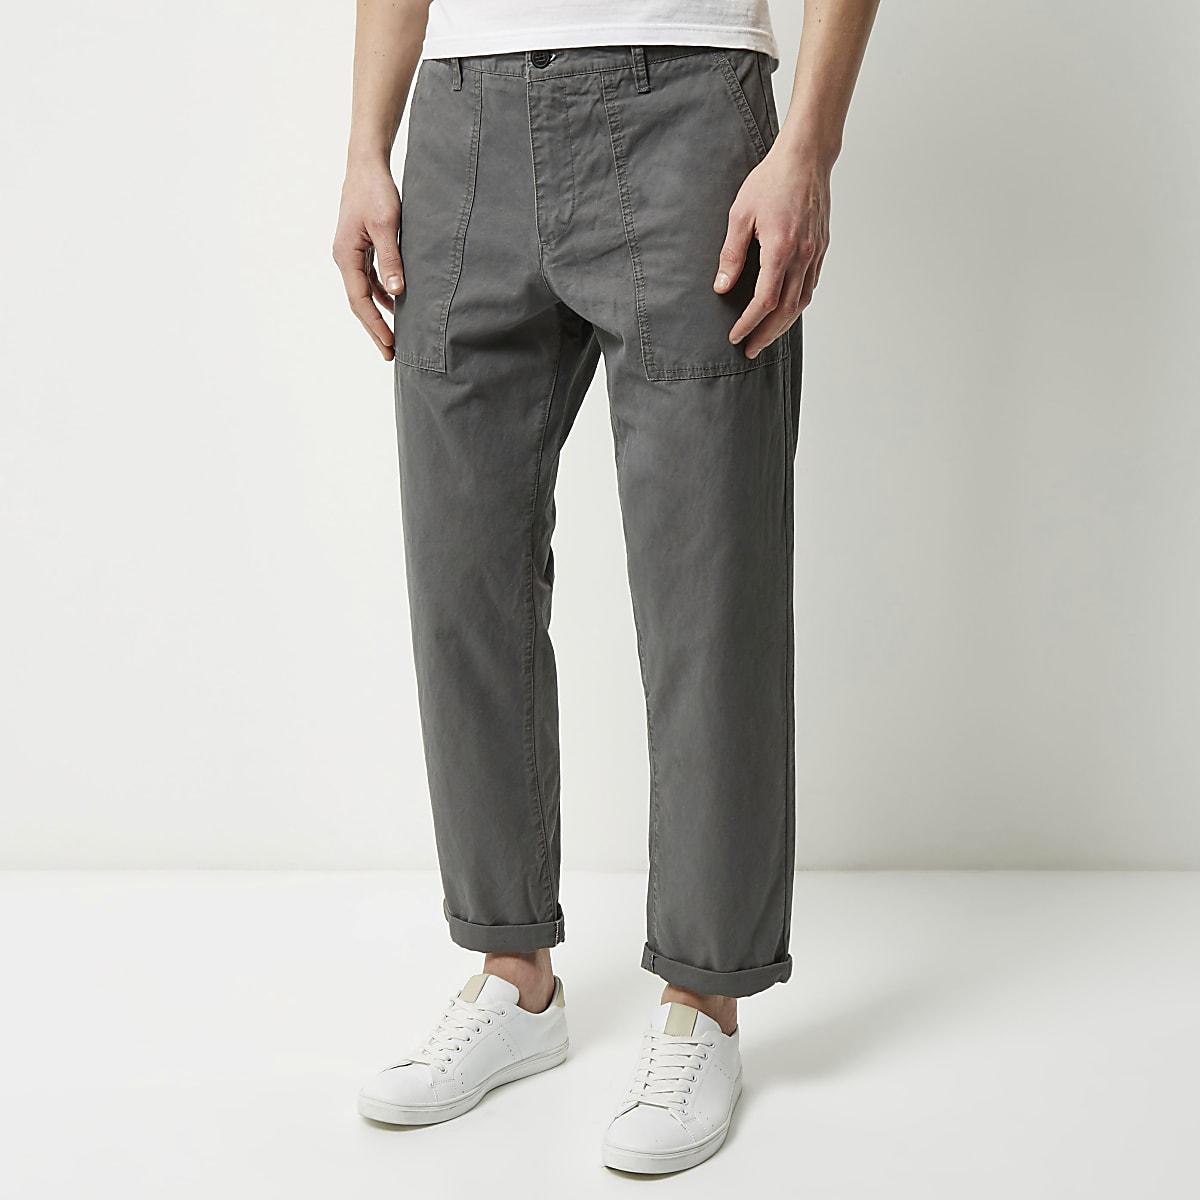 Grey wide leg pants